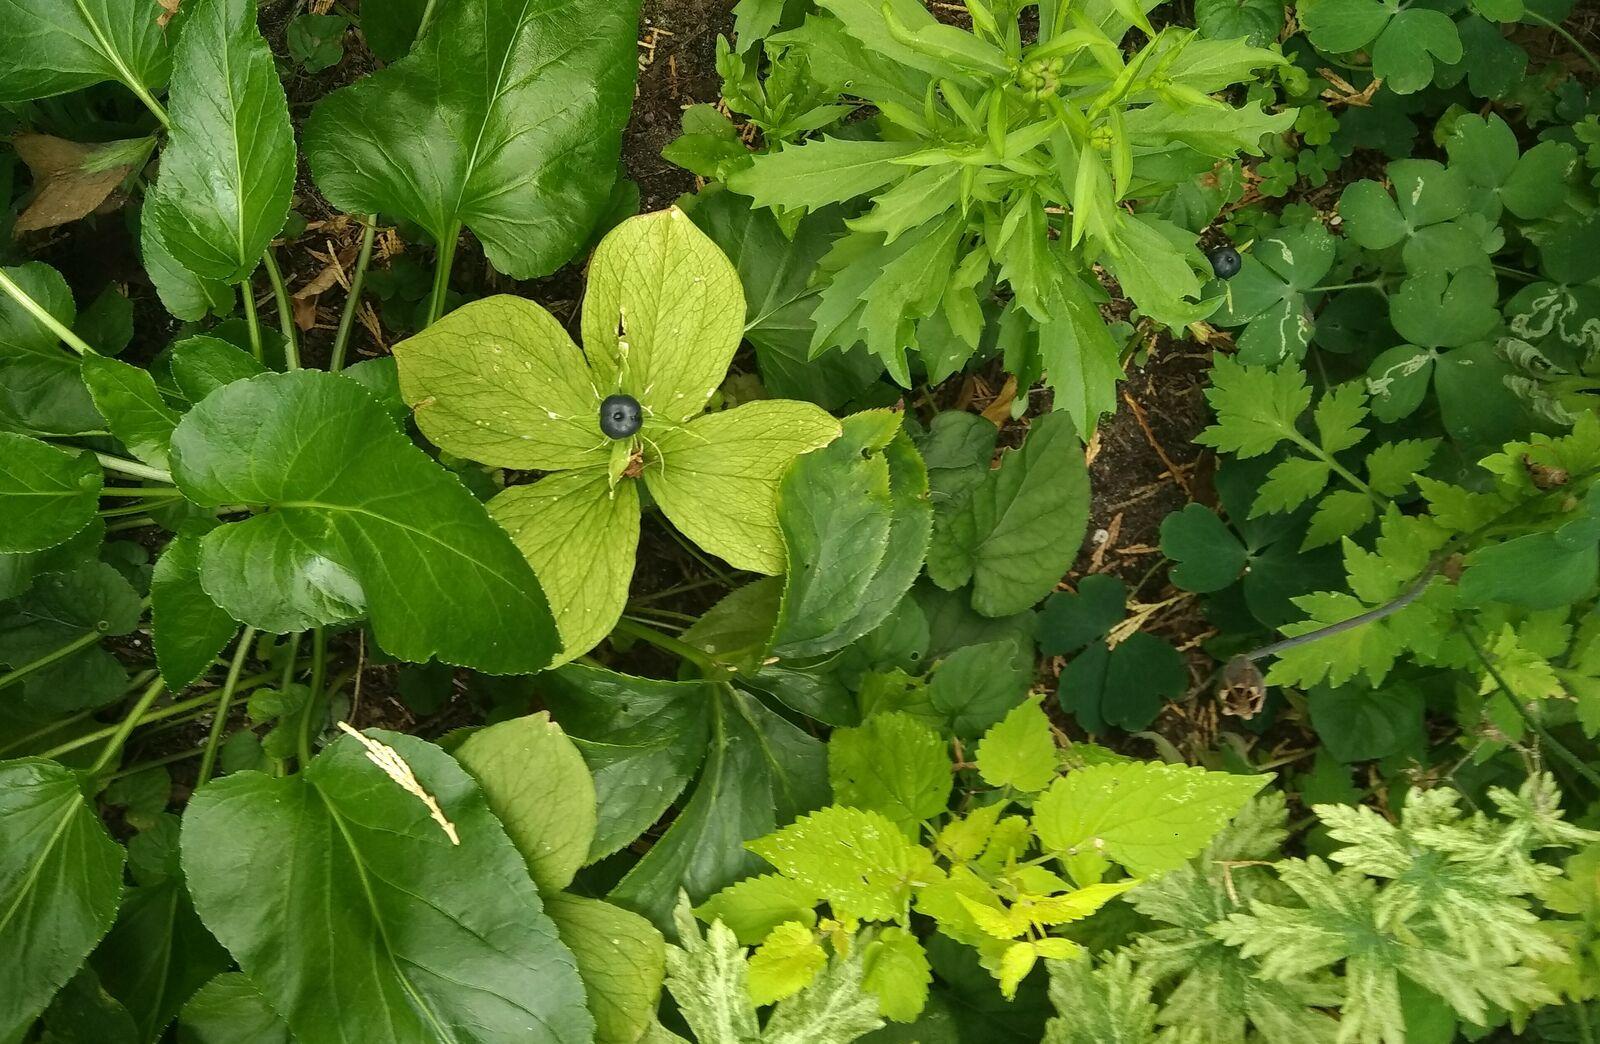 Bodendeckervielfalt mit verschiedenen Blattstrukturen und -farben